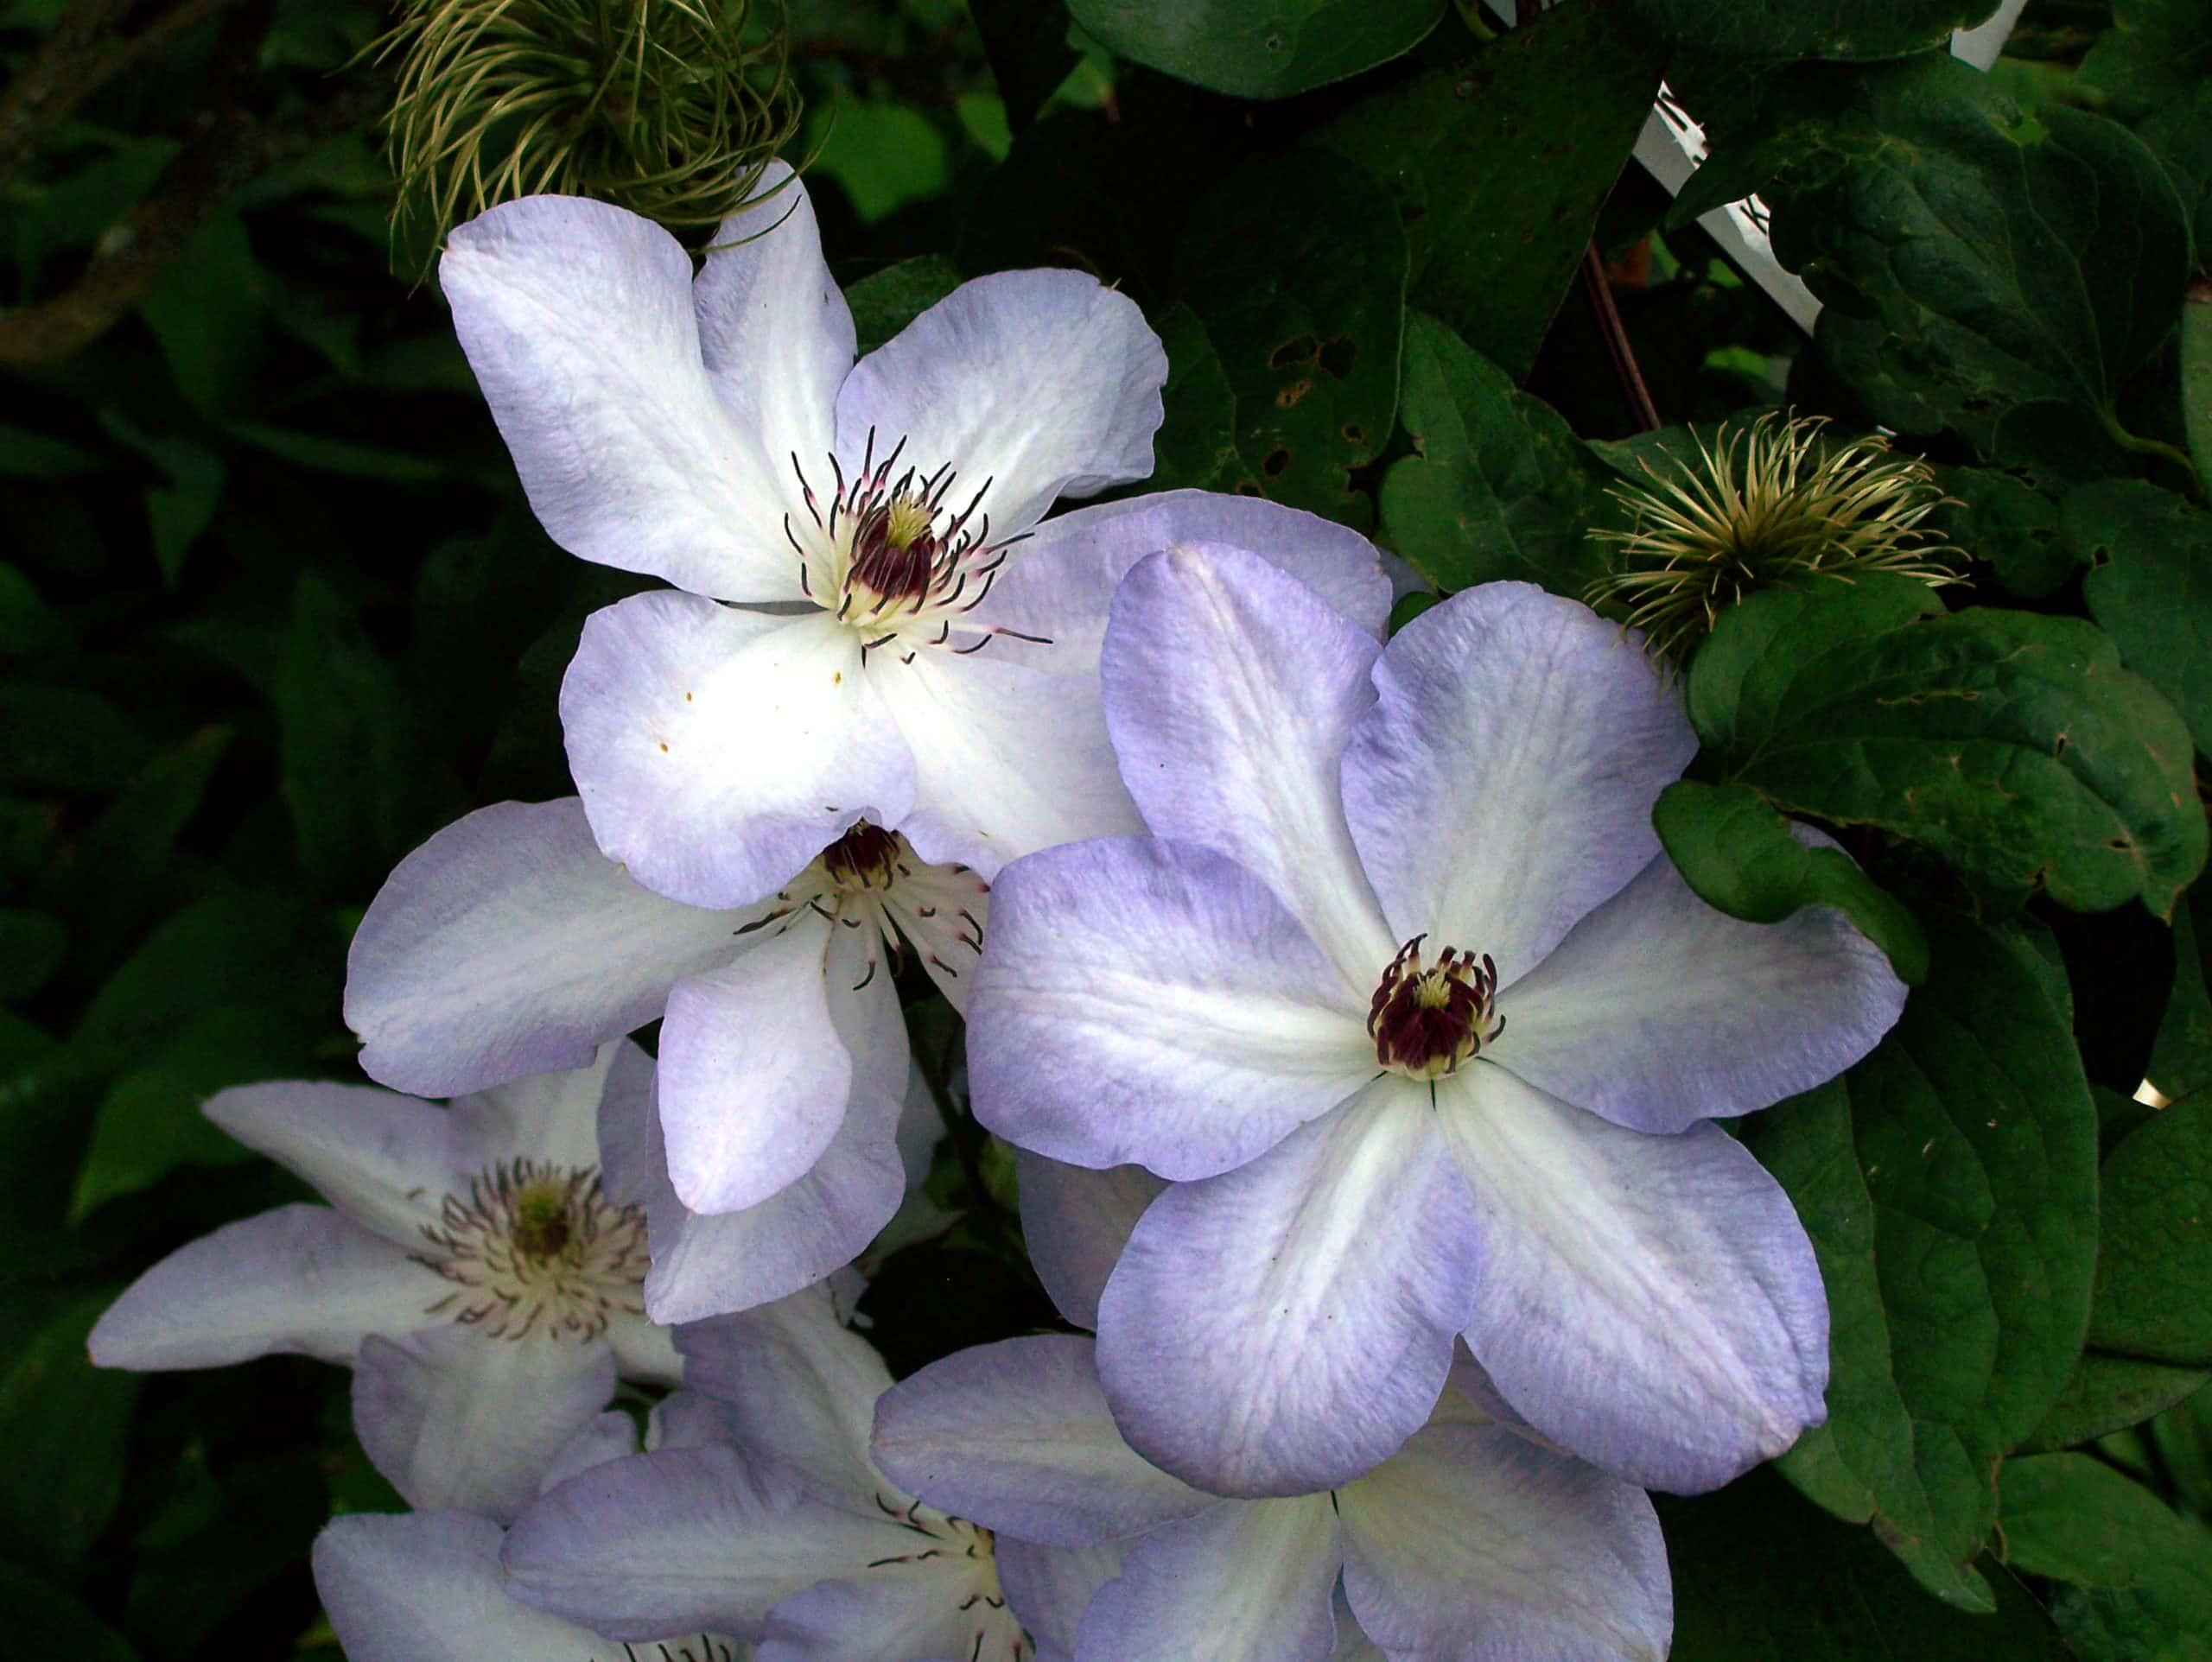 Clematis. (Ranunculus).